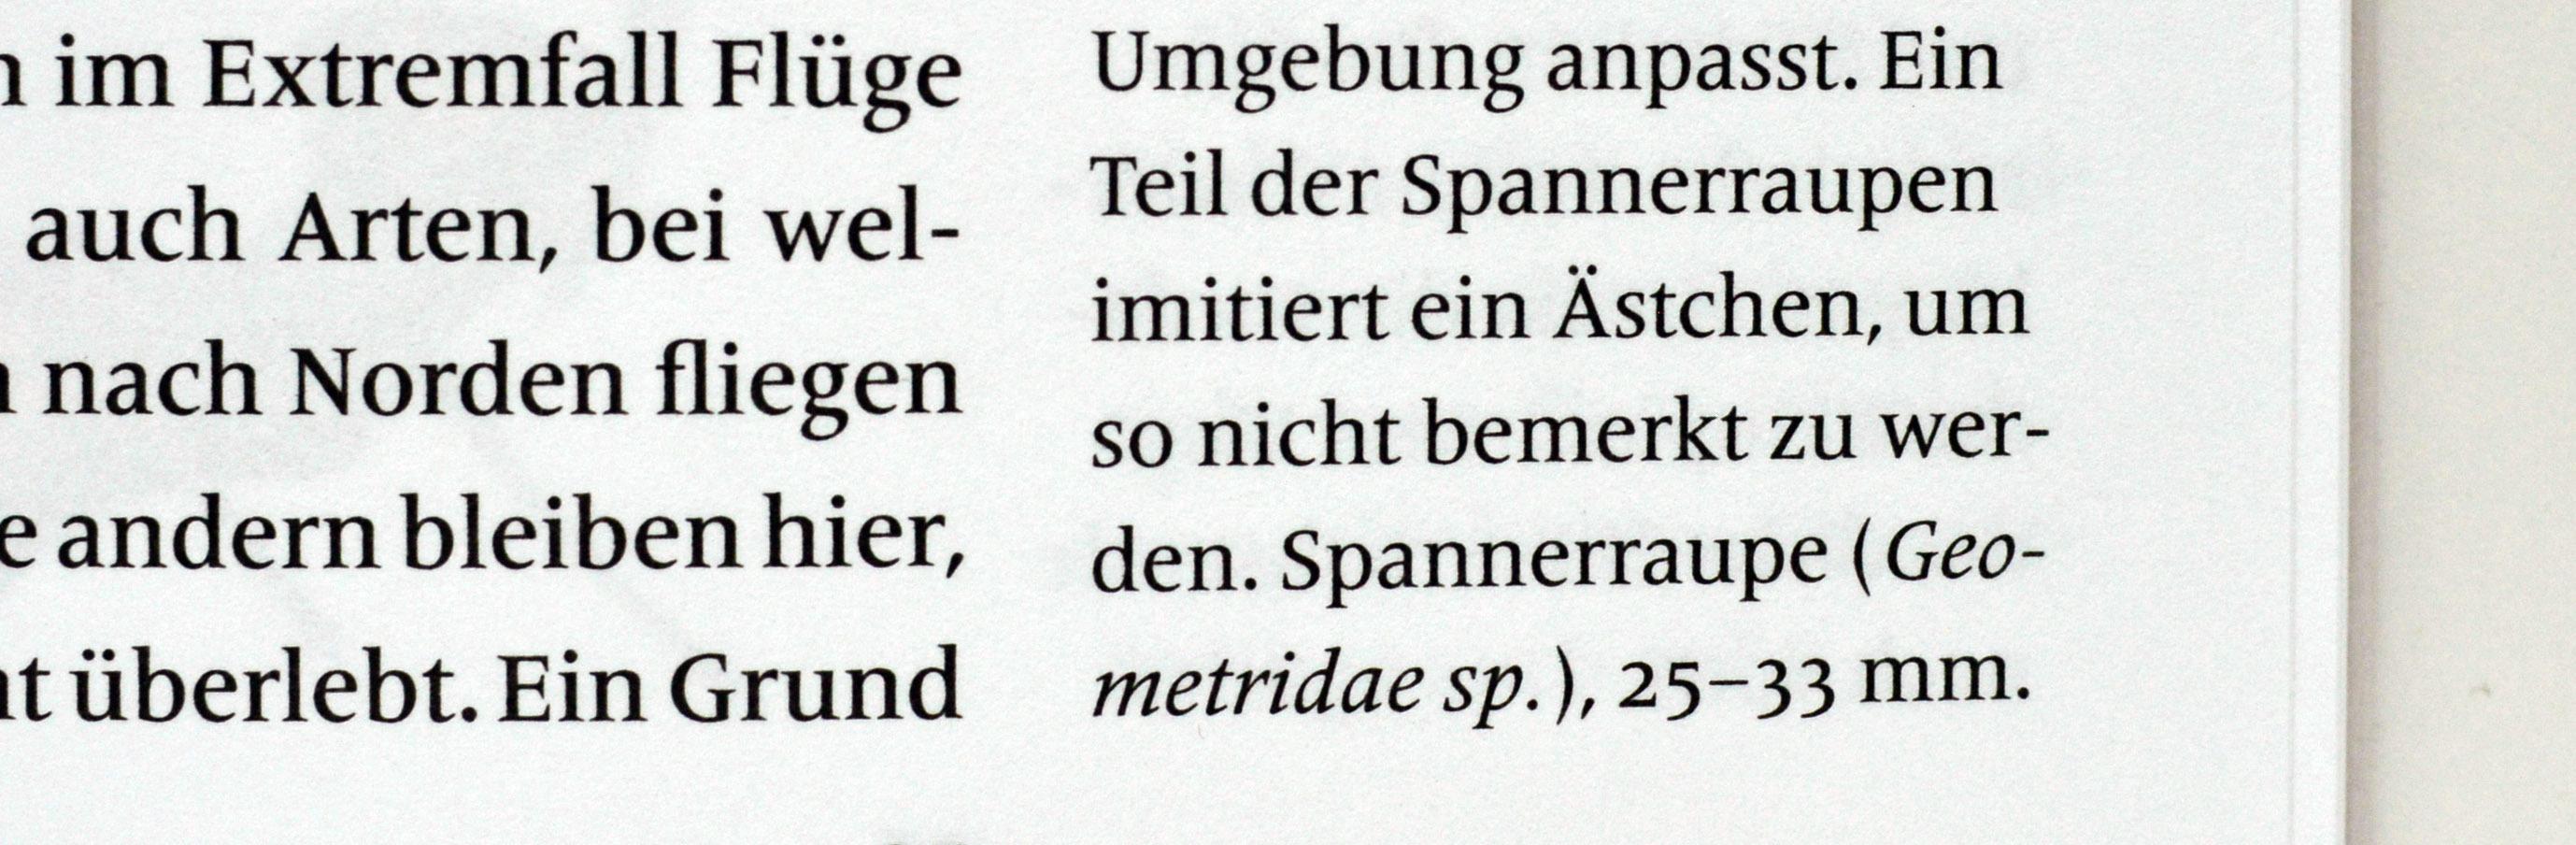 欧文組版のマナー実例: ダーシはハイフンと違う_e0175918_22032466.jpeg